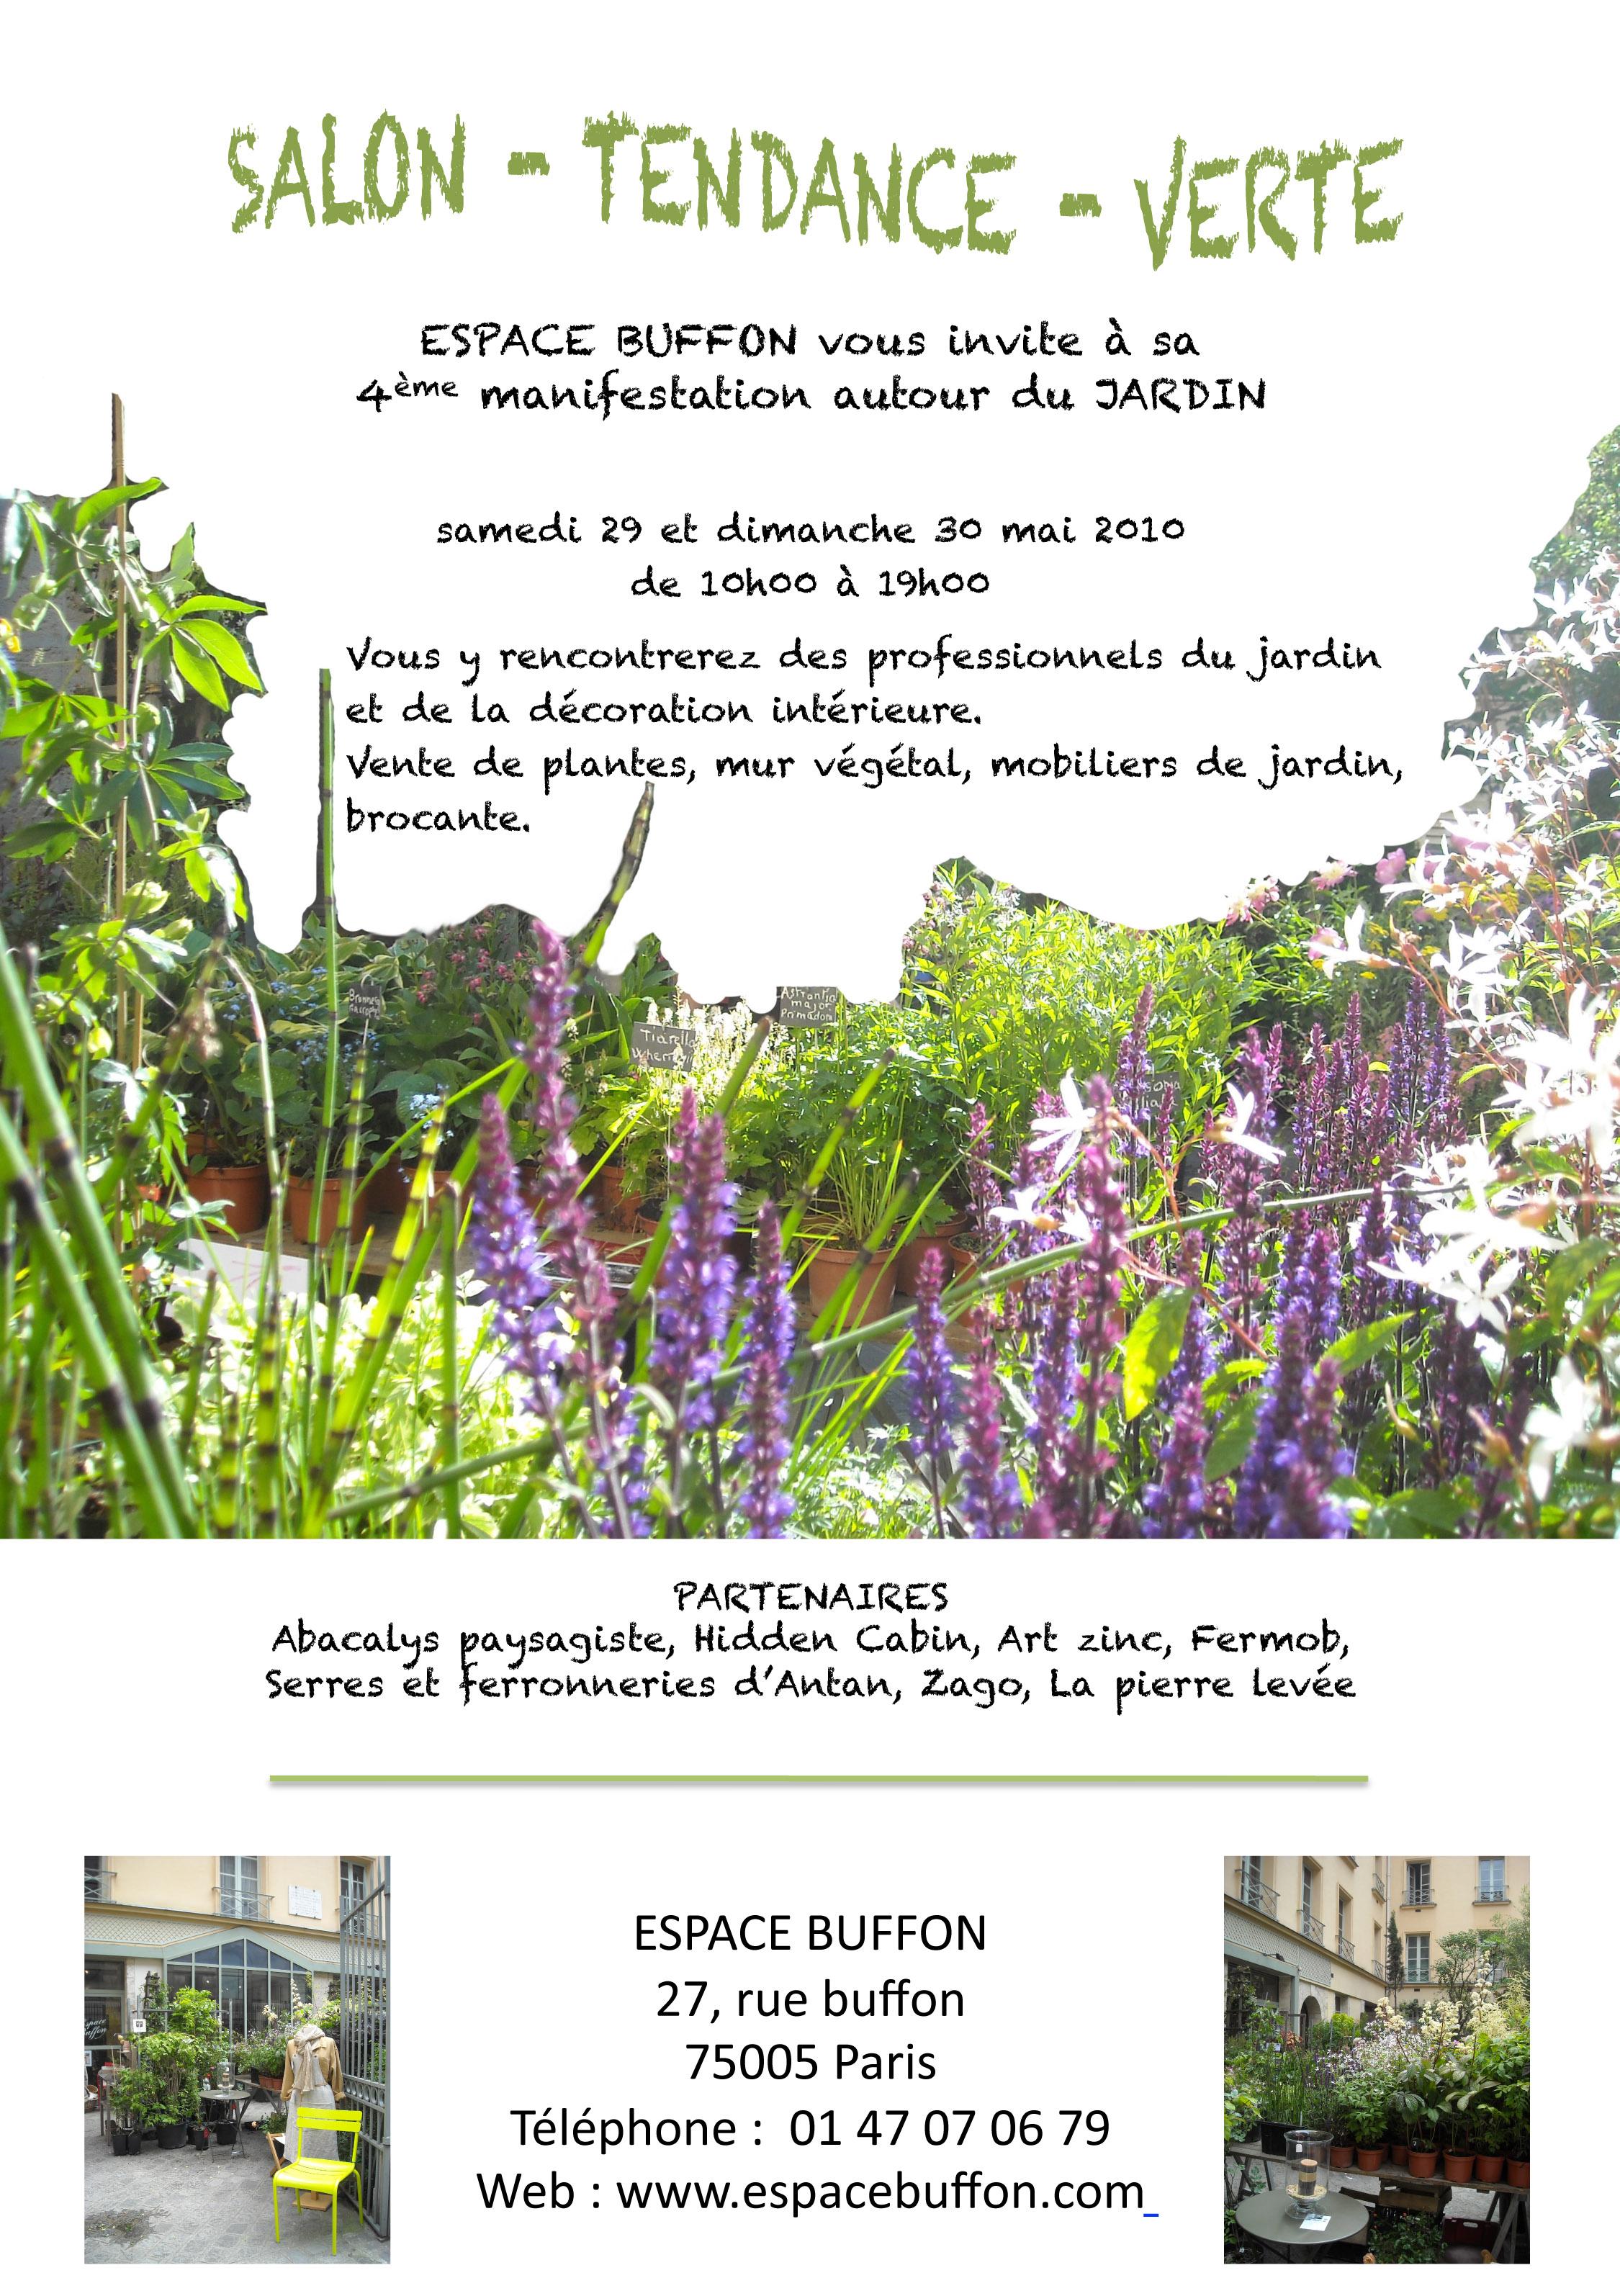 Salon tendance verte l espace buffon paris c t jardin for Salon de jardin ile de france